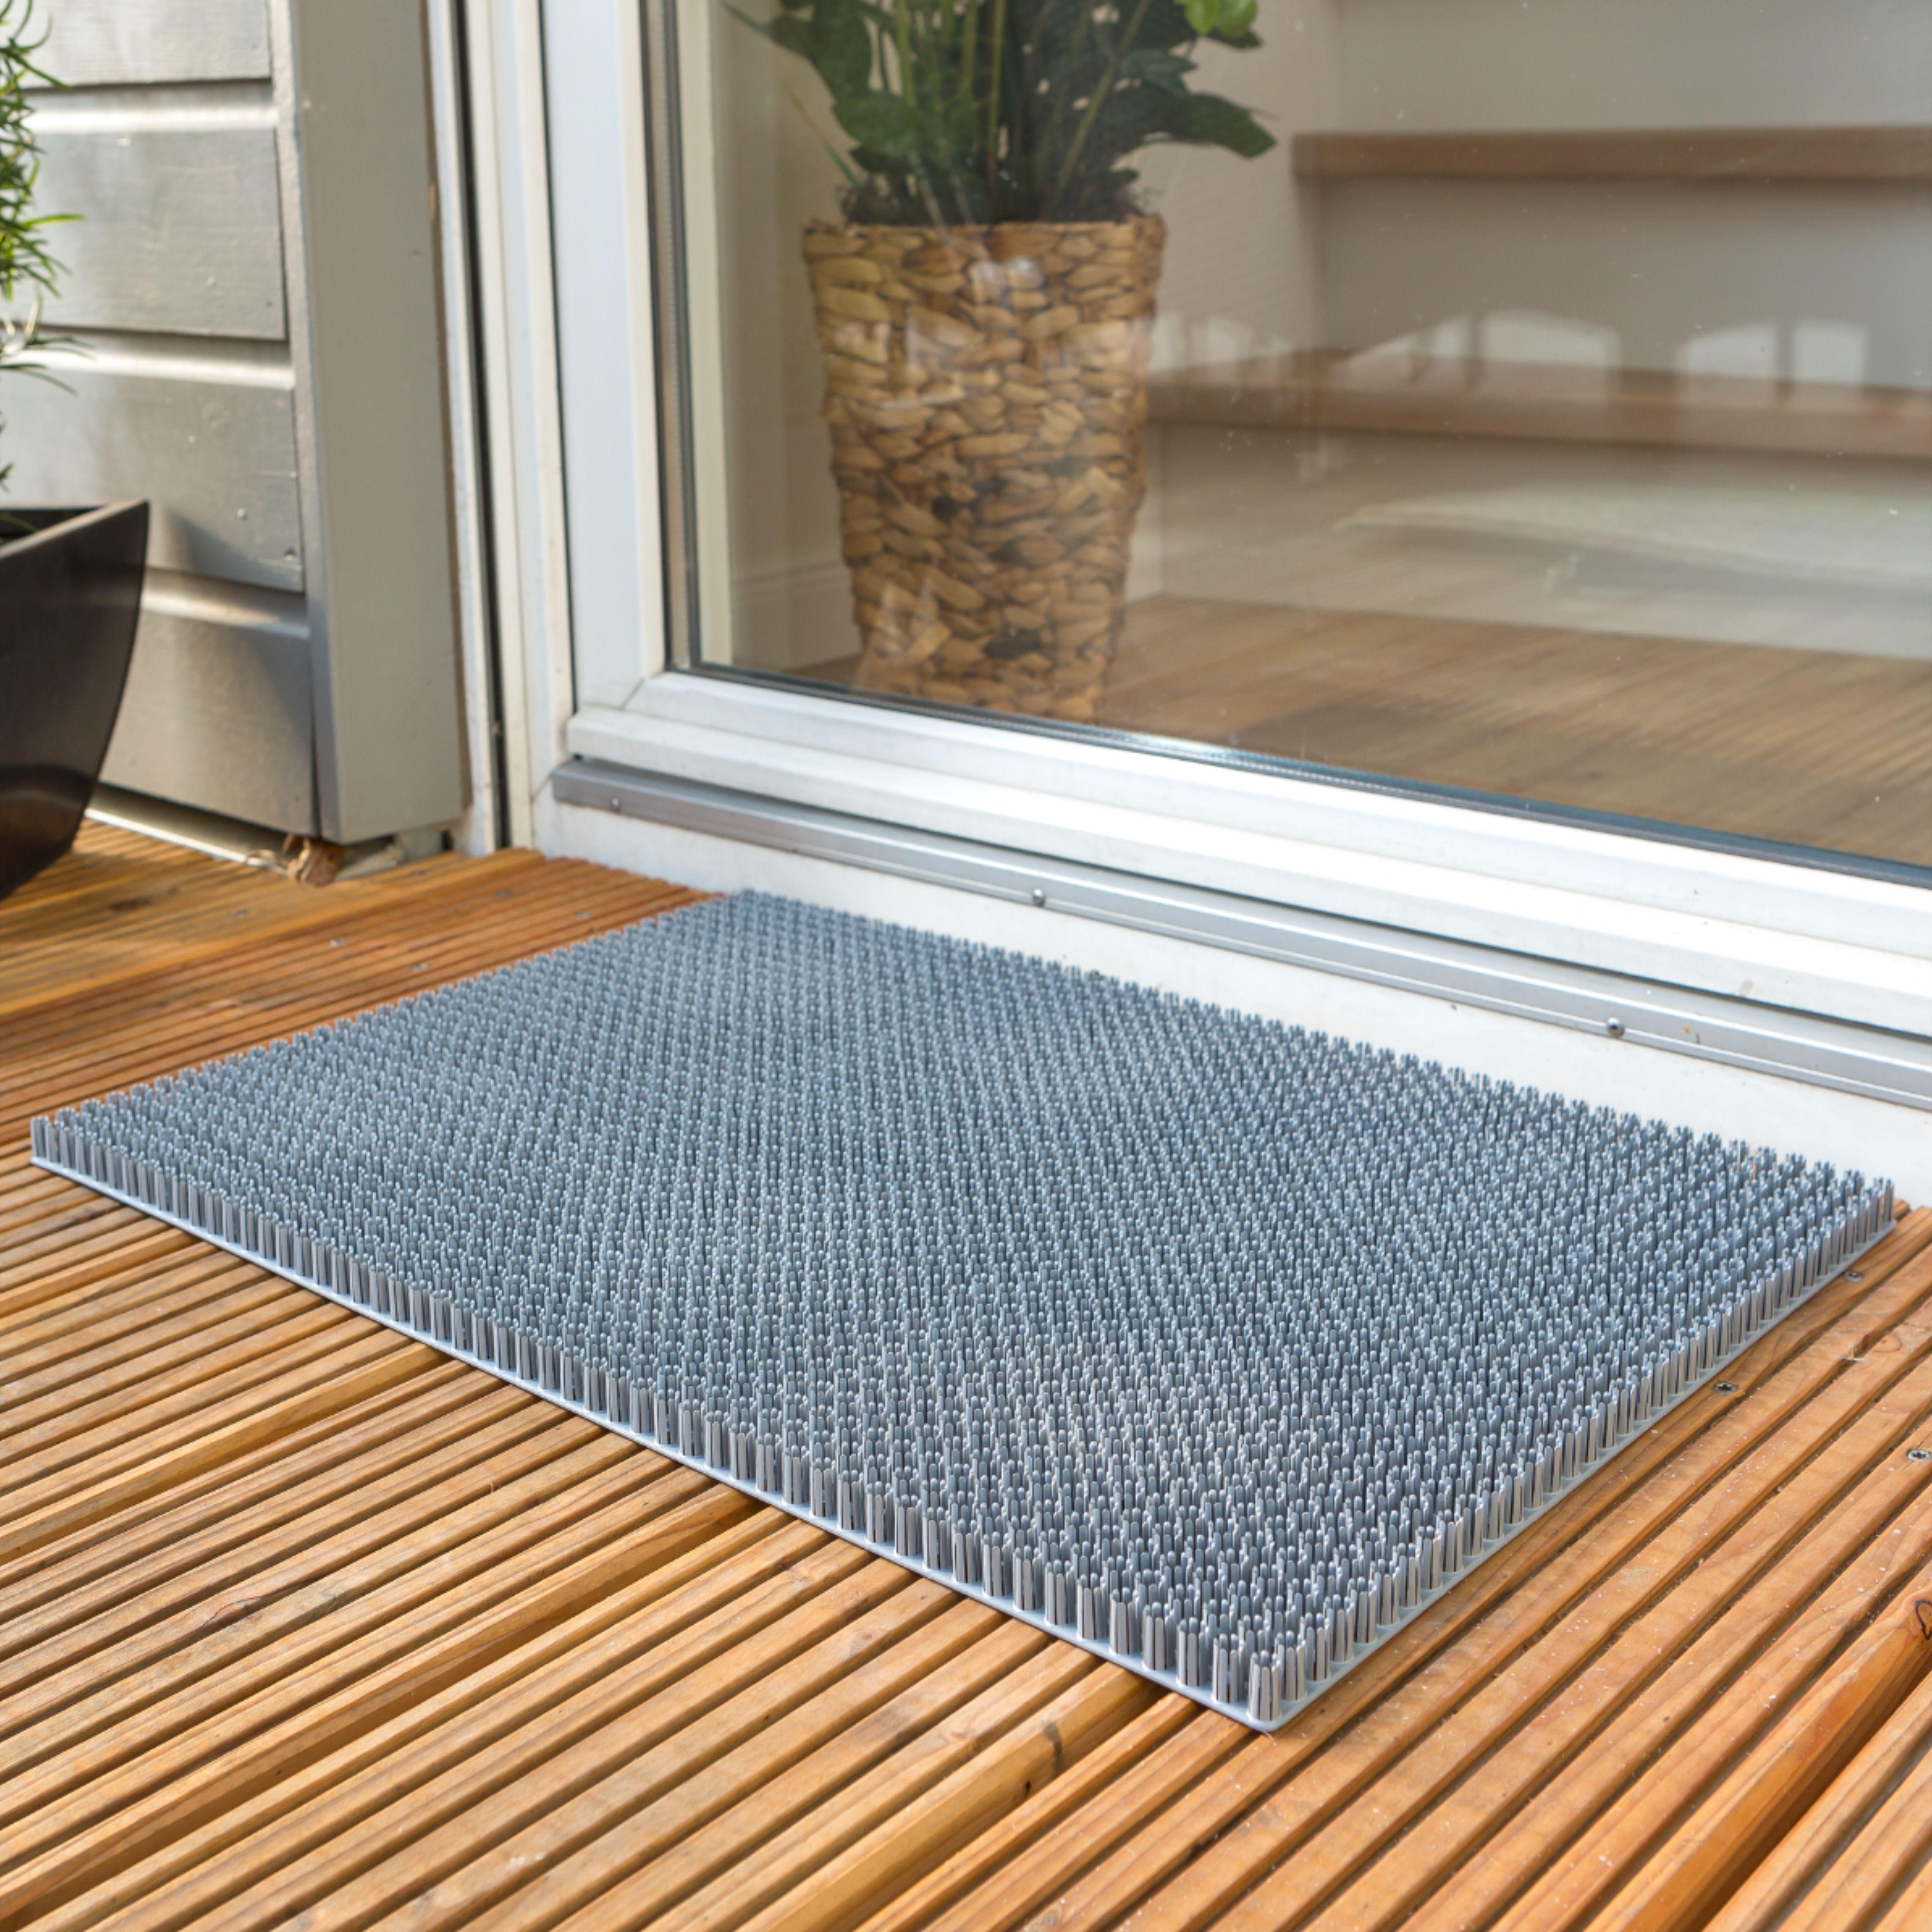 tapis d exterieur grattant pour retenir toute la salete des chaussures en 2021 tapis exterieur tapis paillassons